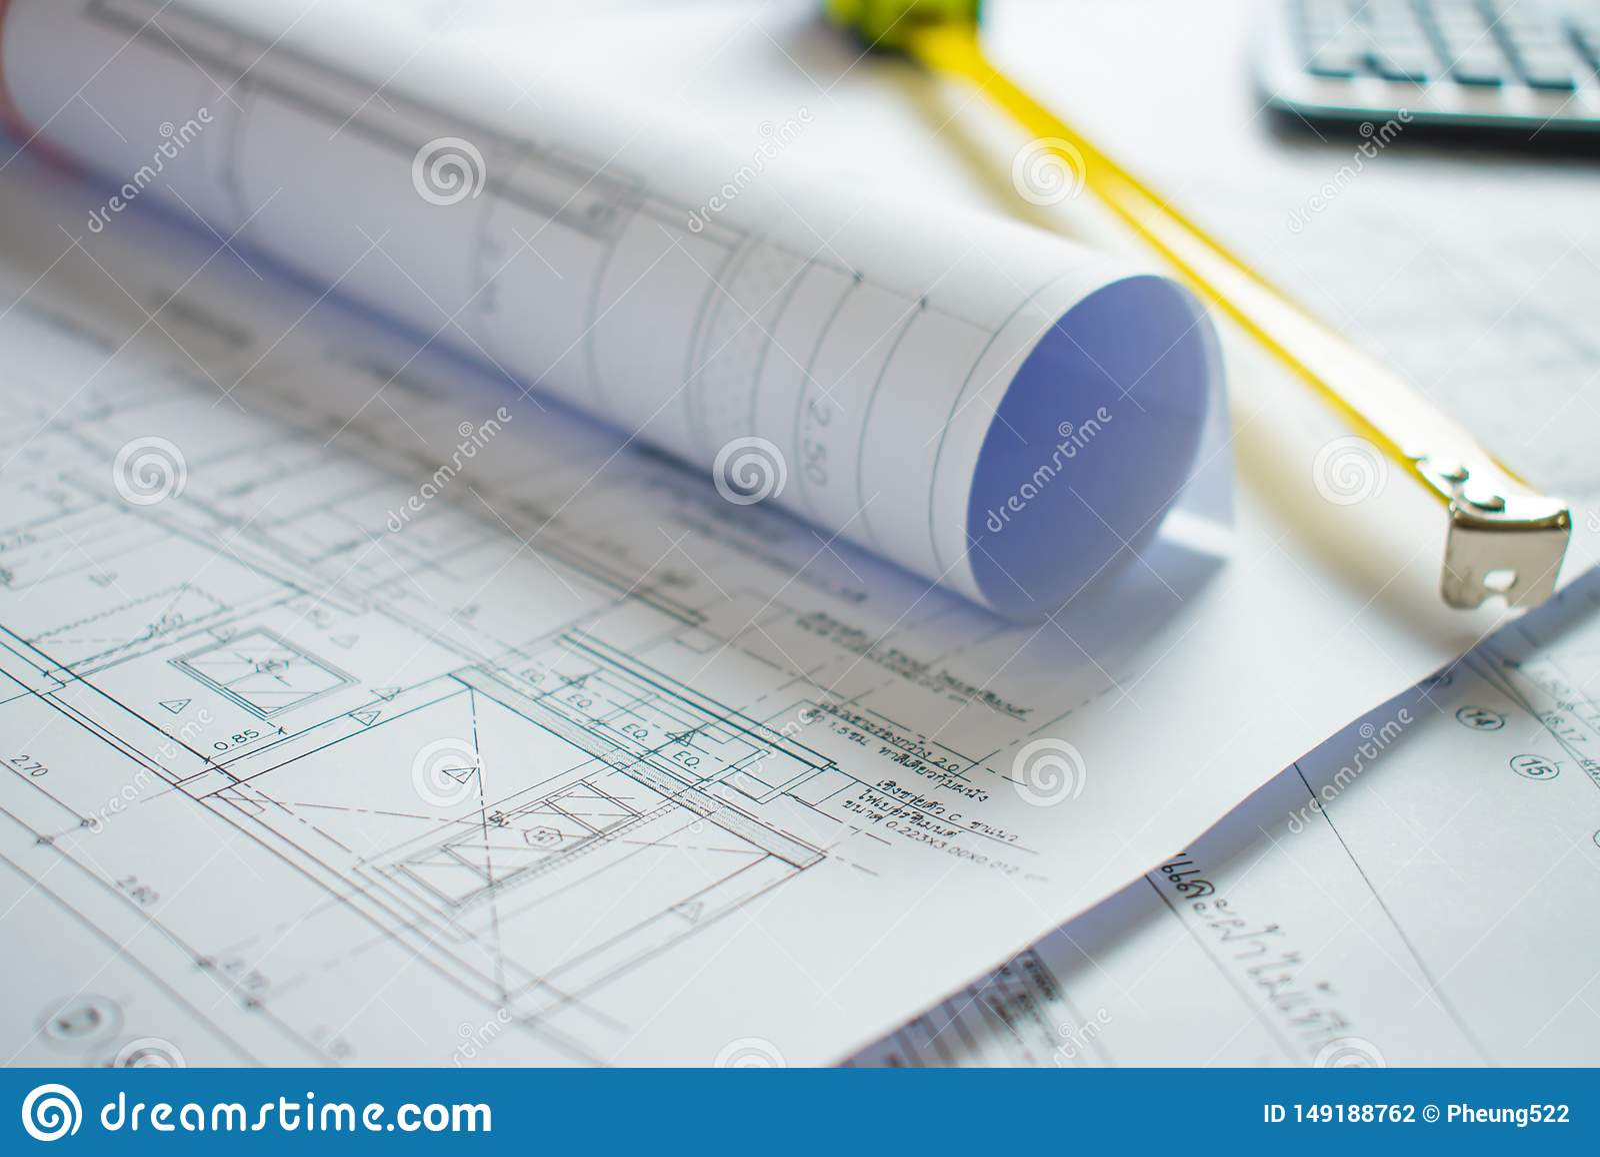 在建筑师的书桌上的家庭图纸